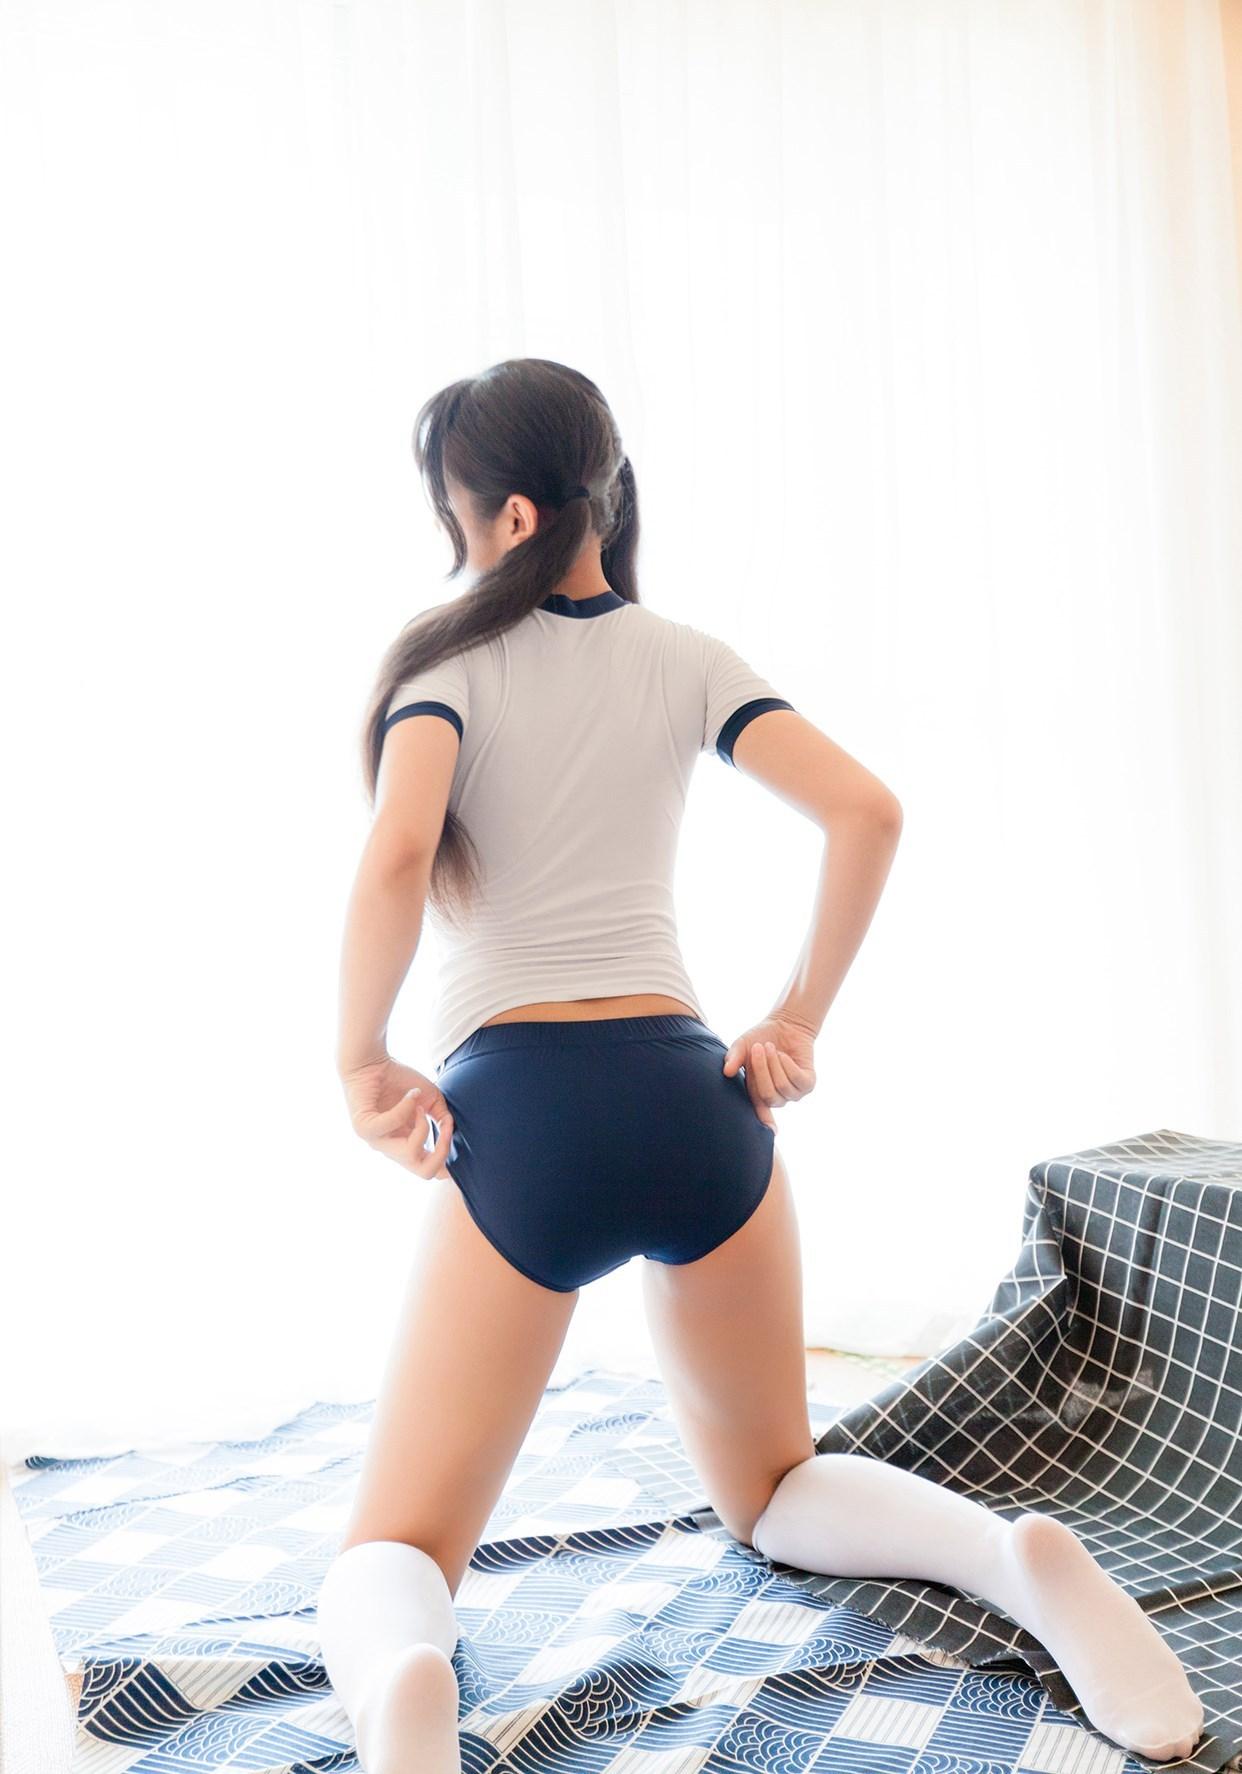 喵写真收费套图合集【900套20.92GB】免费领取!-四斋社